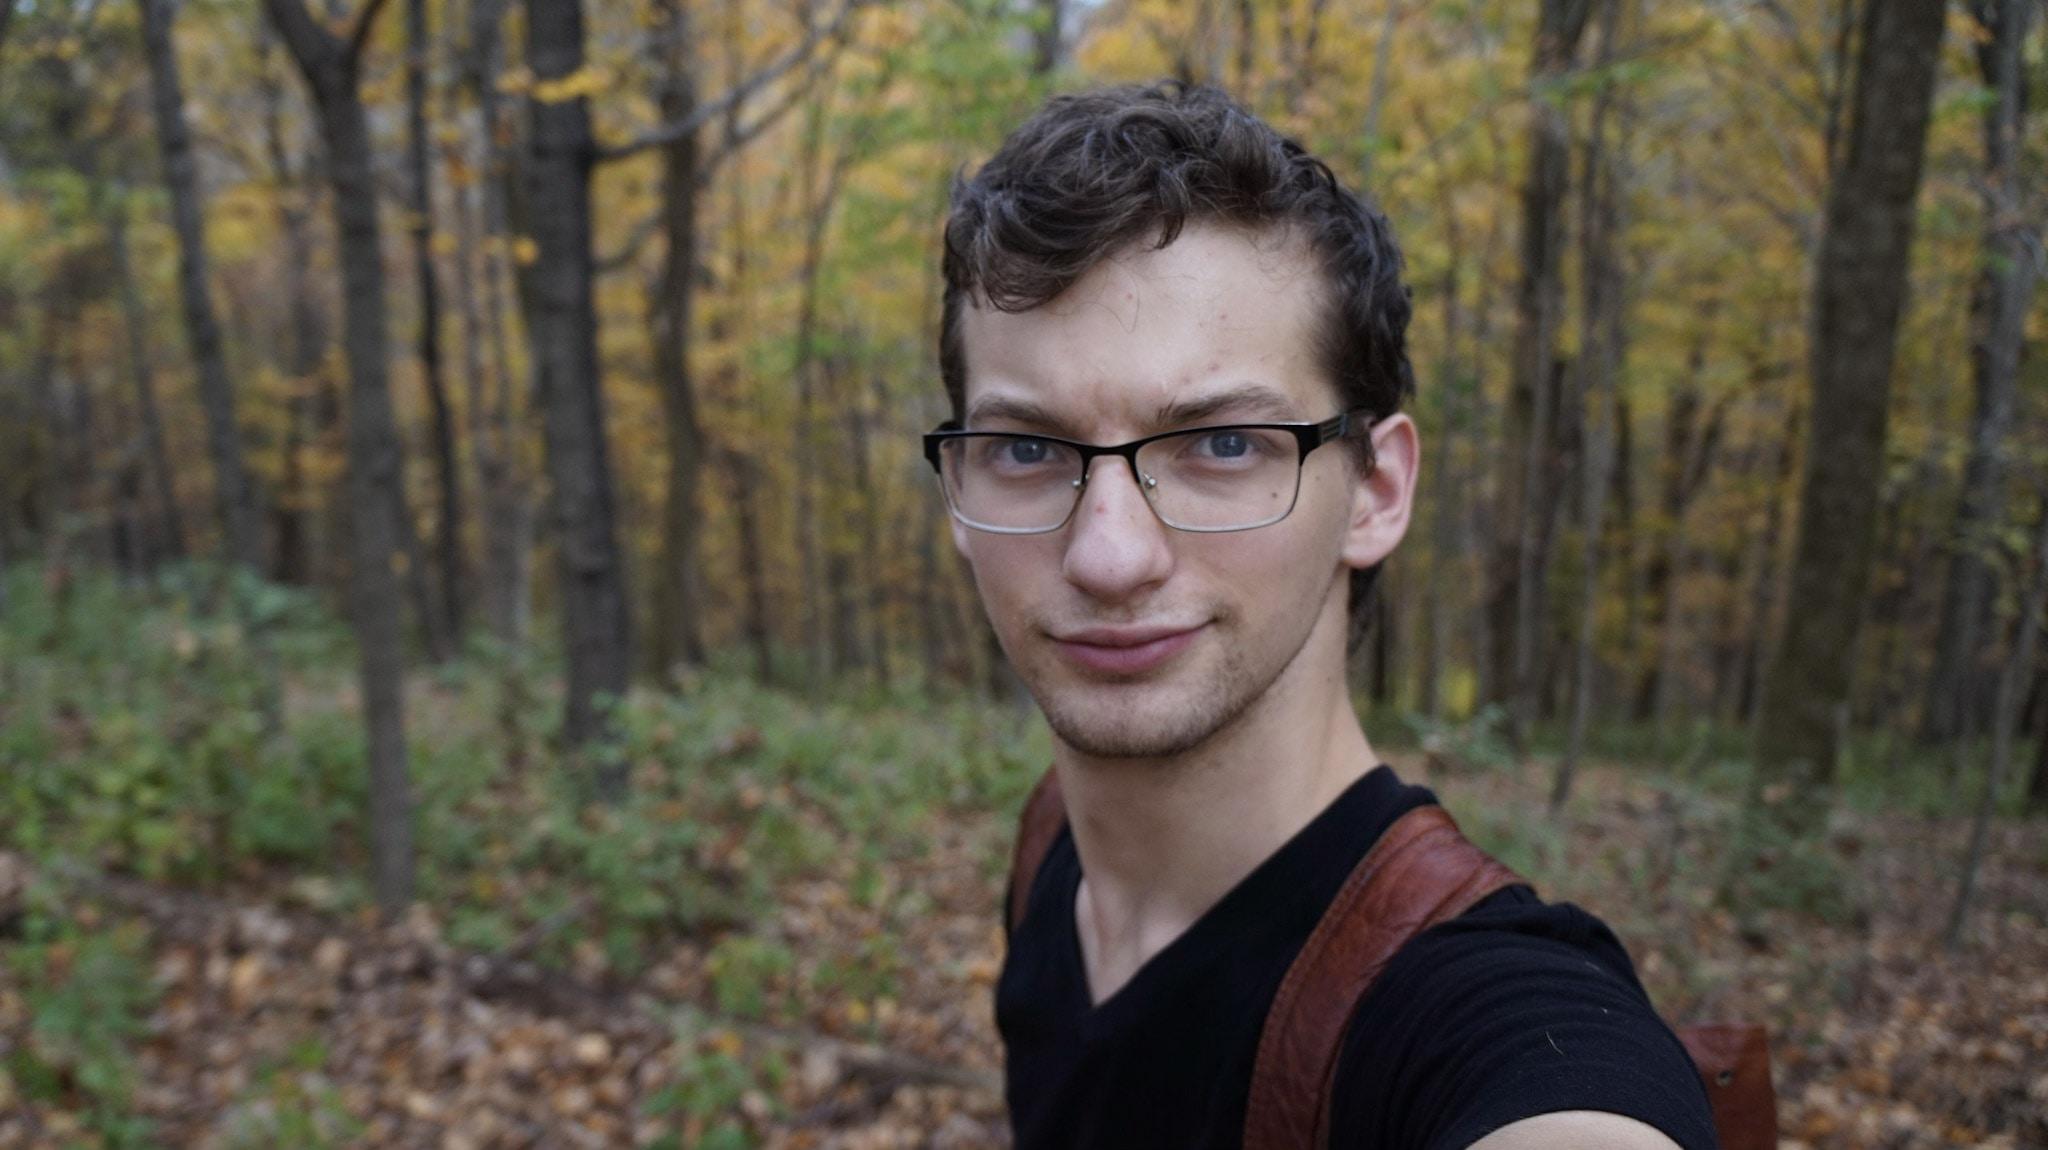 Go to Jordan Sampson's profile